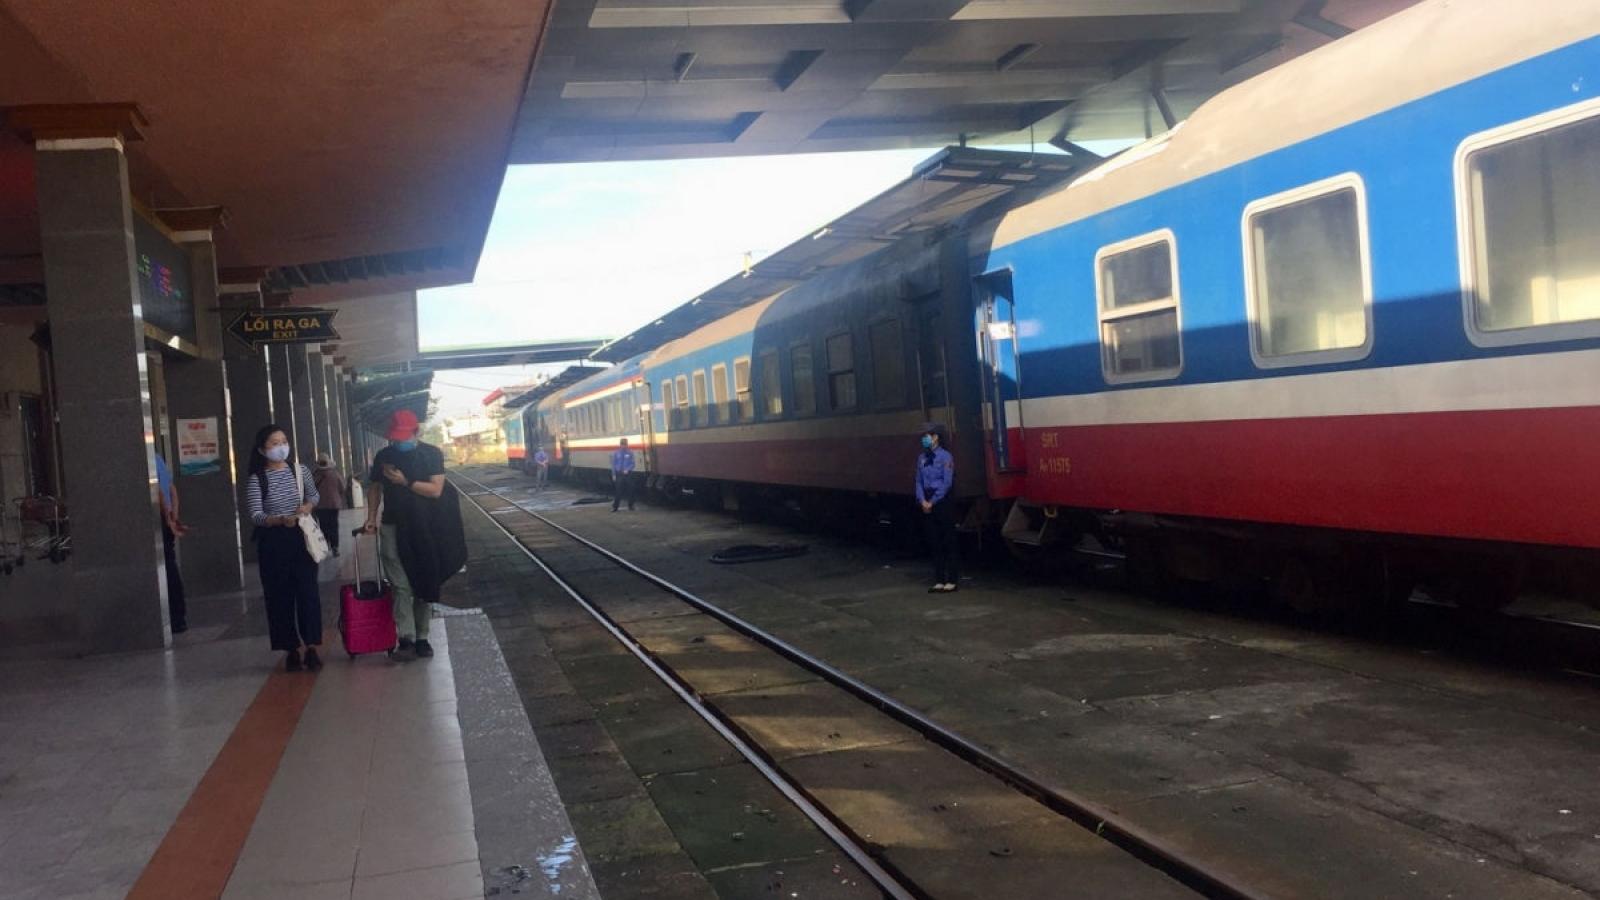 Ế khách sau Tết, ngành đường sắt cắt giảm thêm nhiều đoàn tàu để bớt lỗ